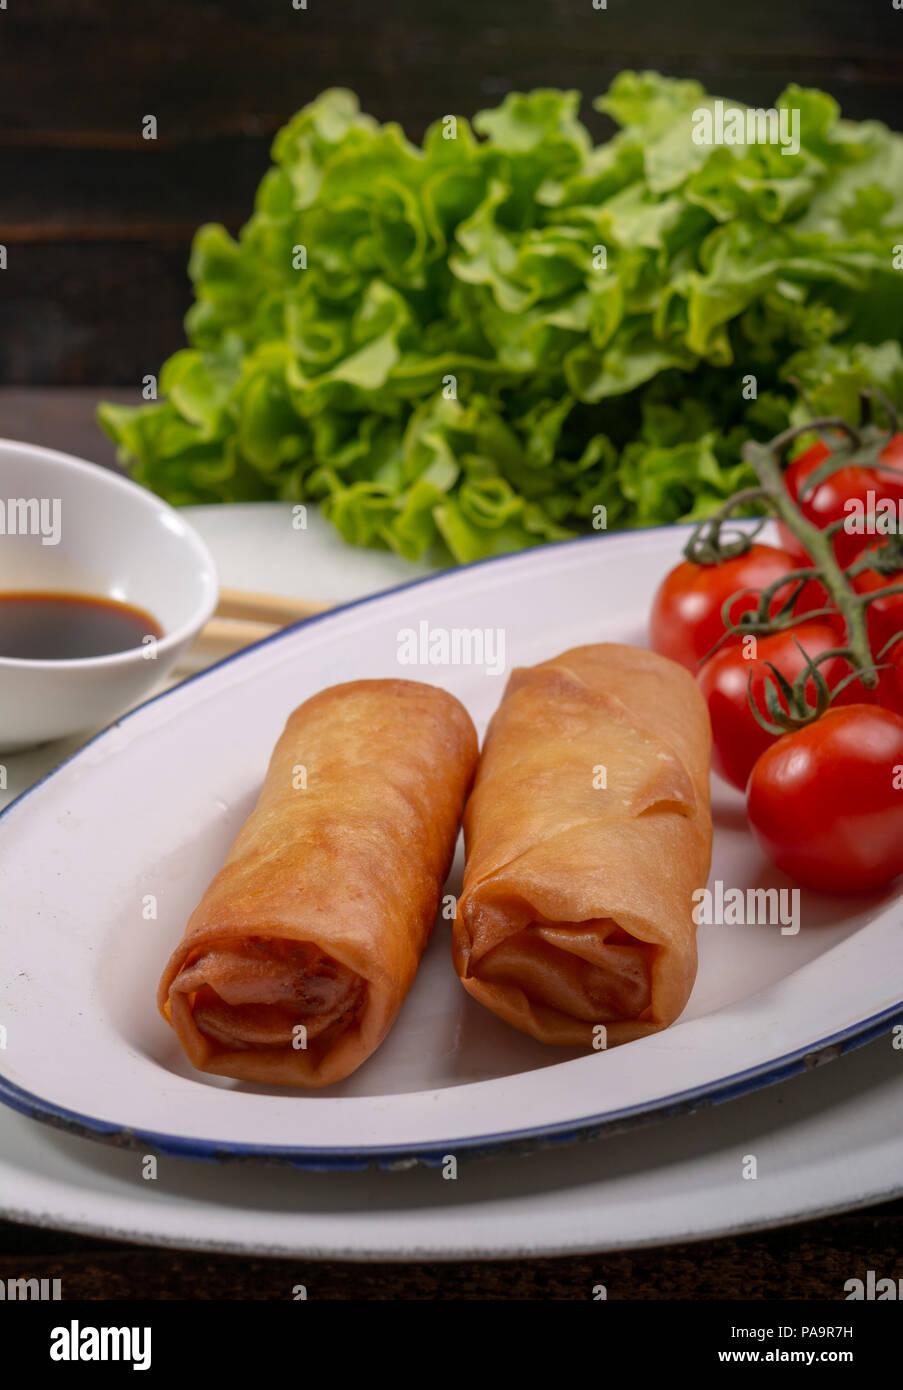 Des rouleaux de printemps accompagnés de la sauce de soja et la laitue, tomates cerise sur fond de bois Photo Stock